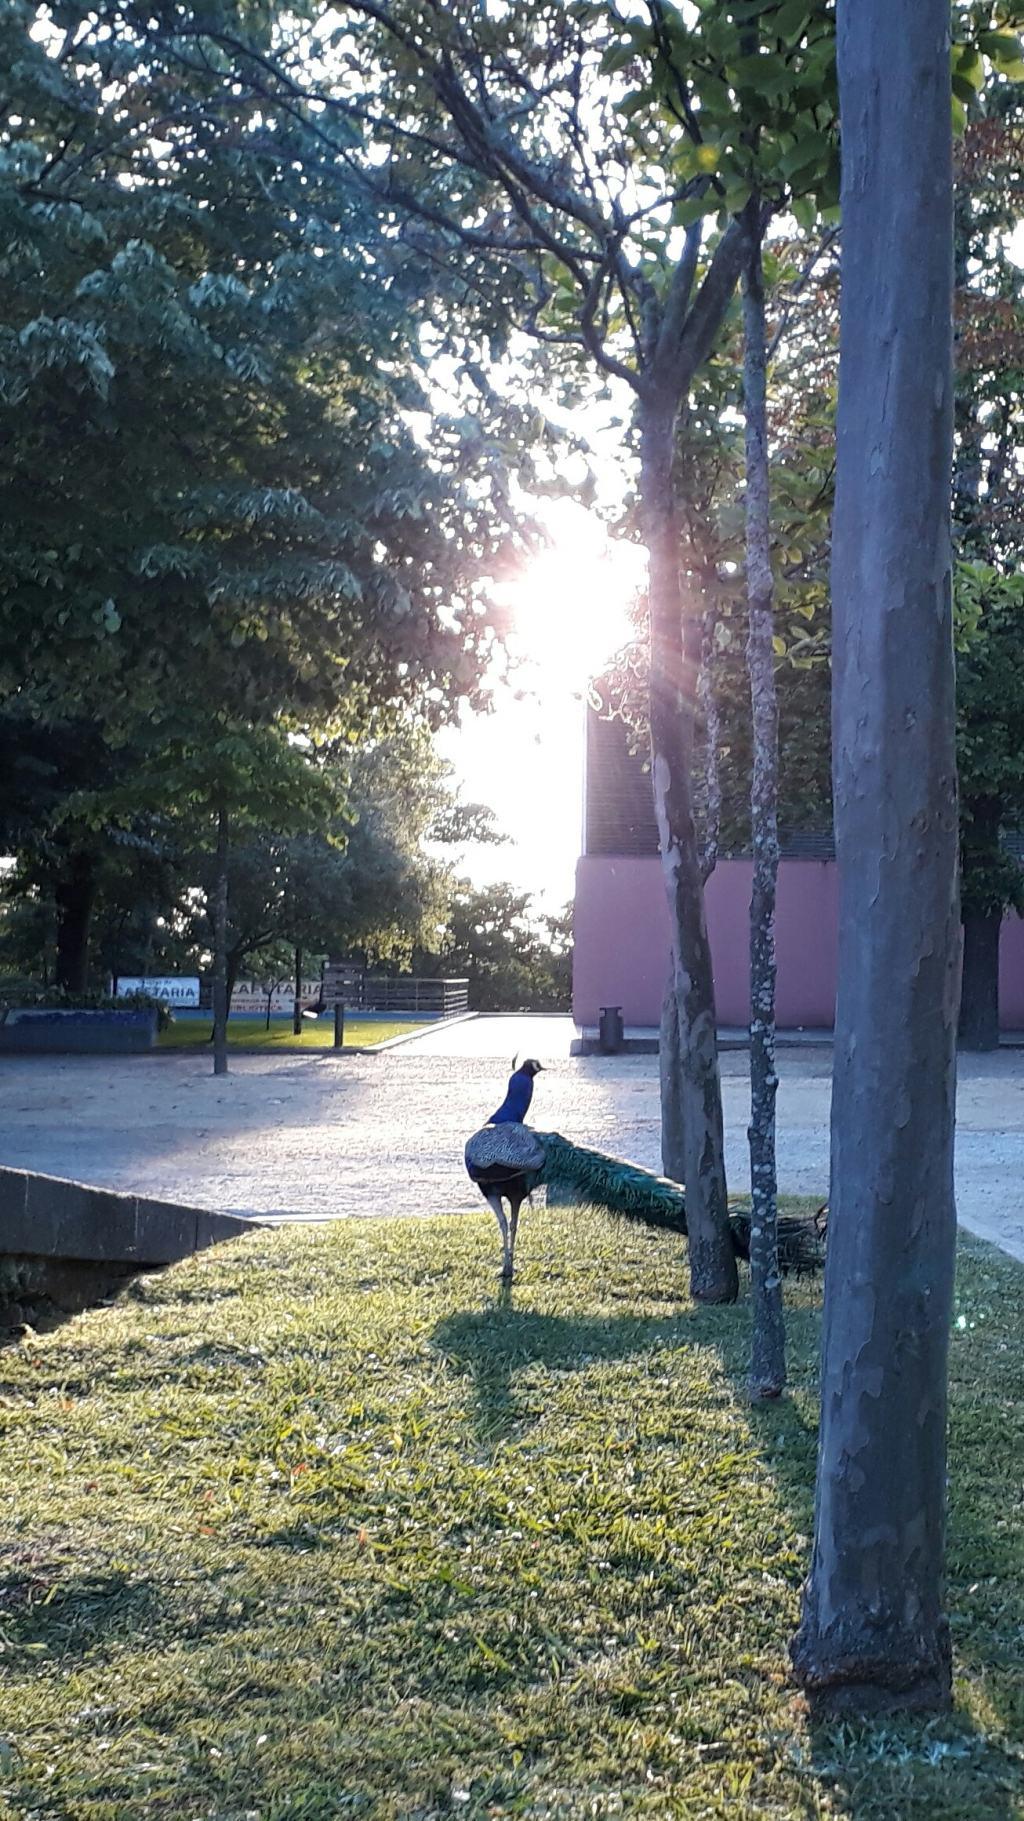 Pfau in den Jardins do Palácio de Cristal